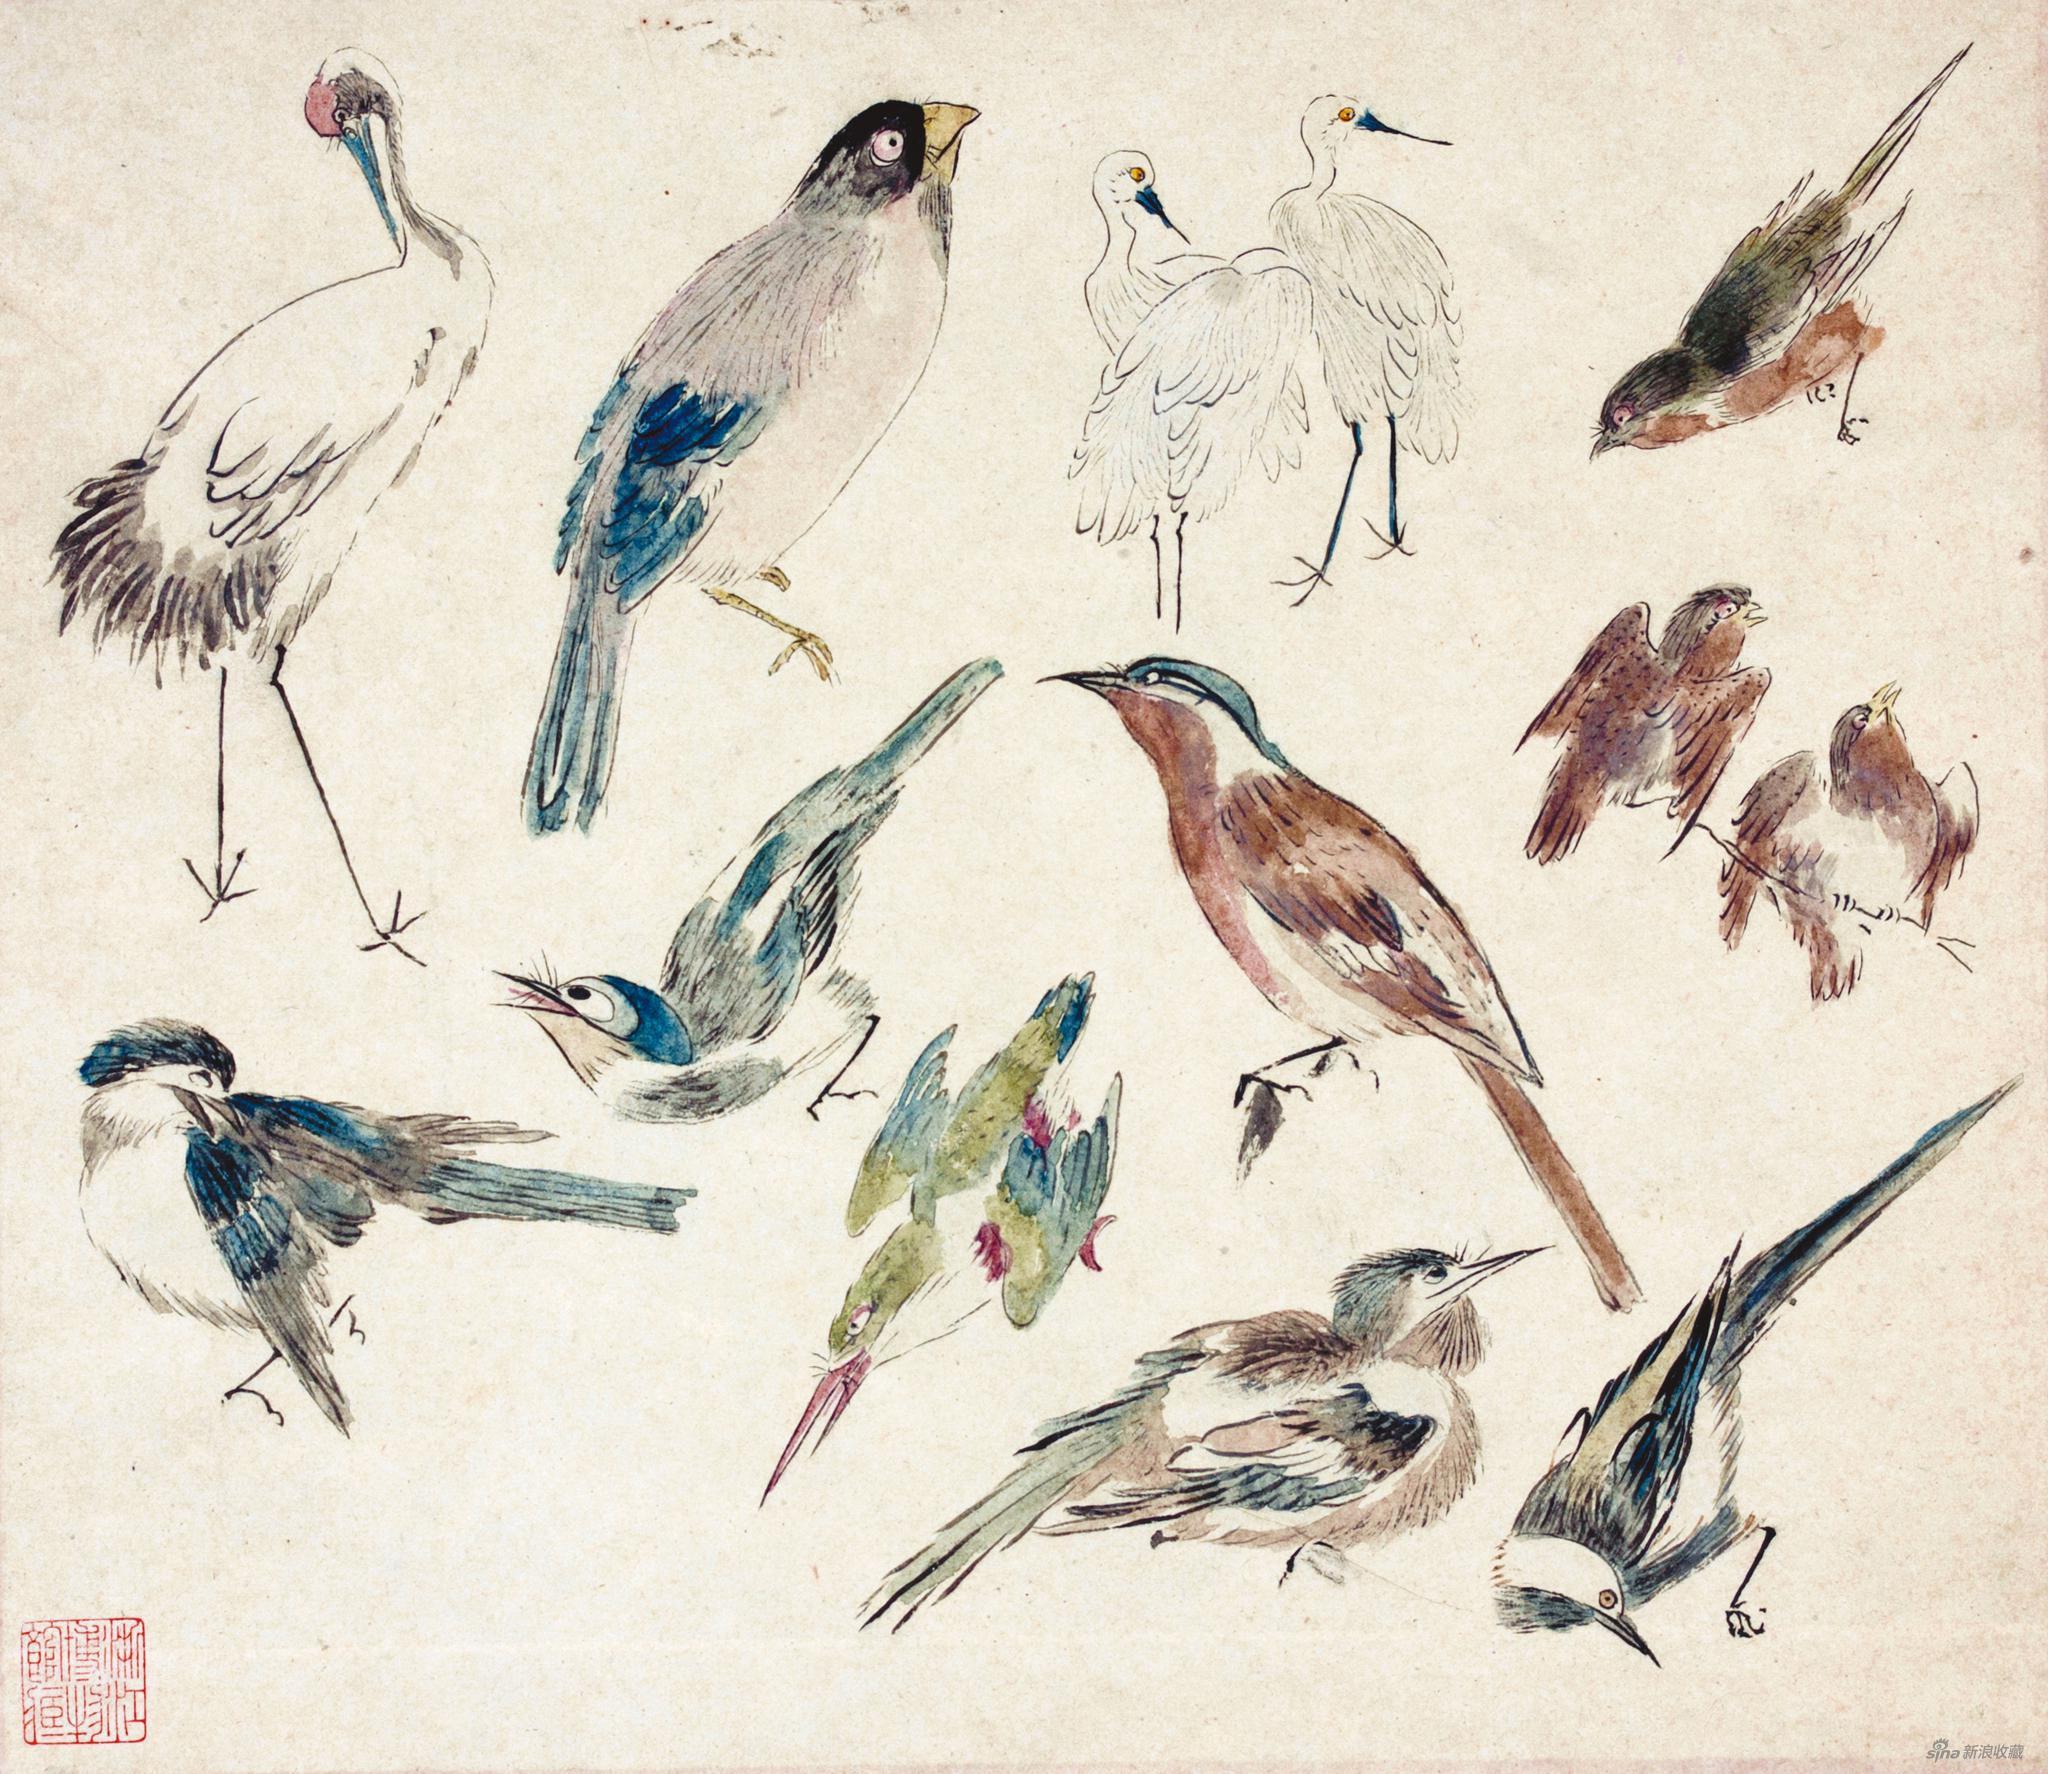 禽鸟稿 黄宾虹 26.5cm×30.5cm 无年款 纸本设色 浙江省博物馆藏